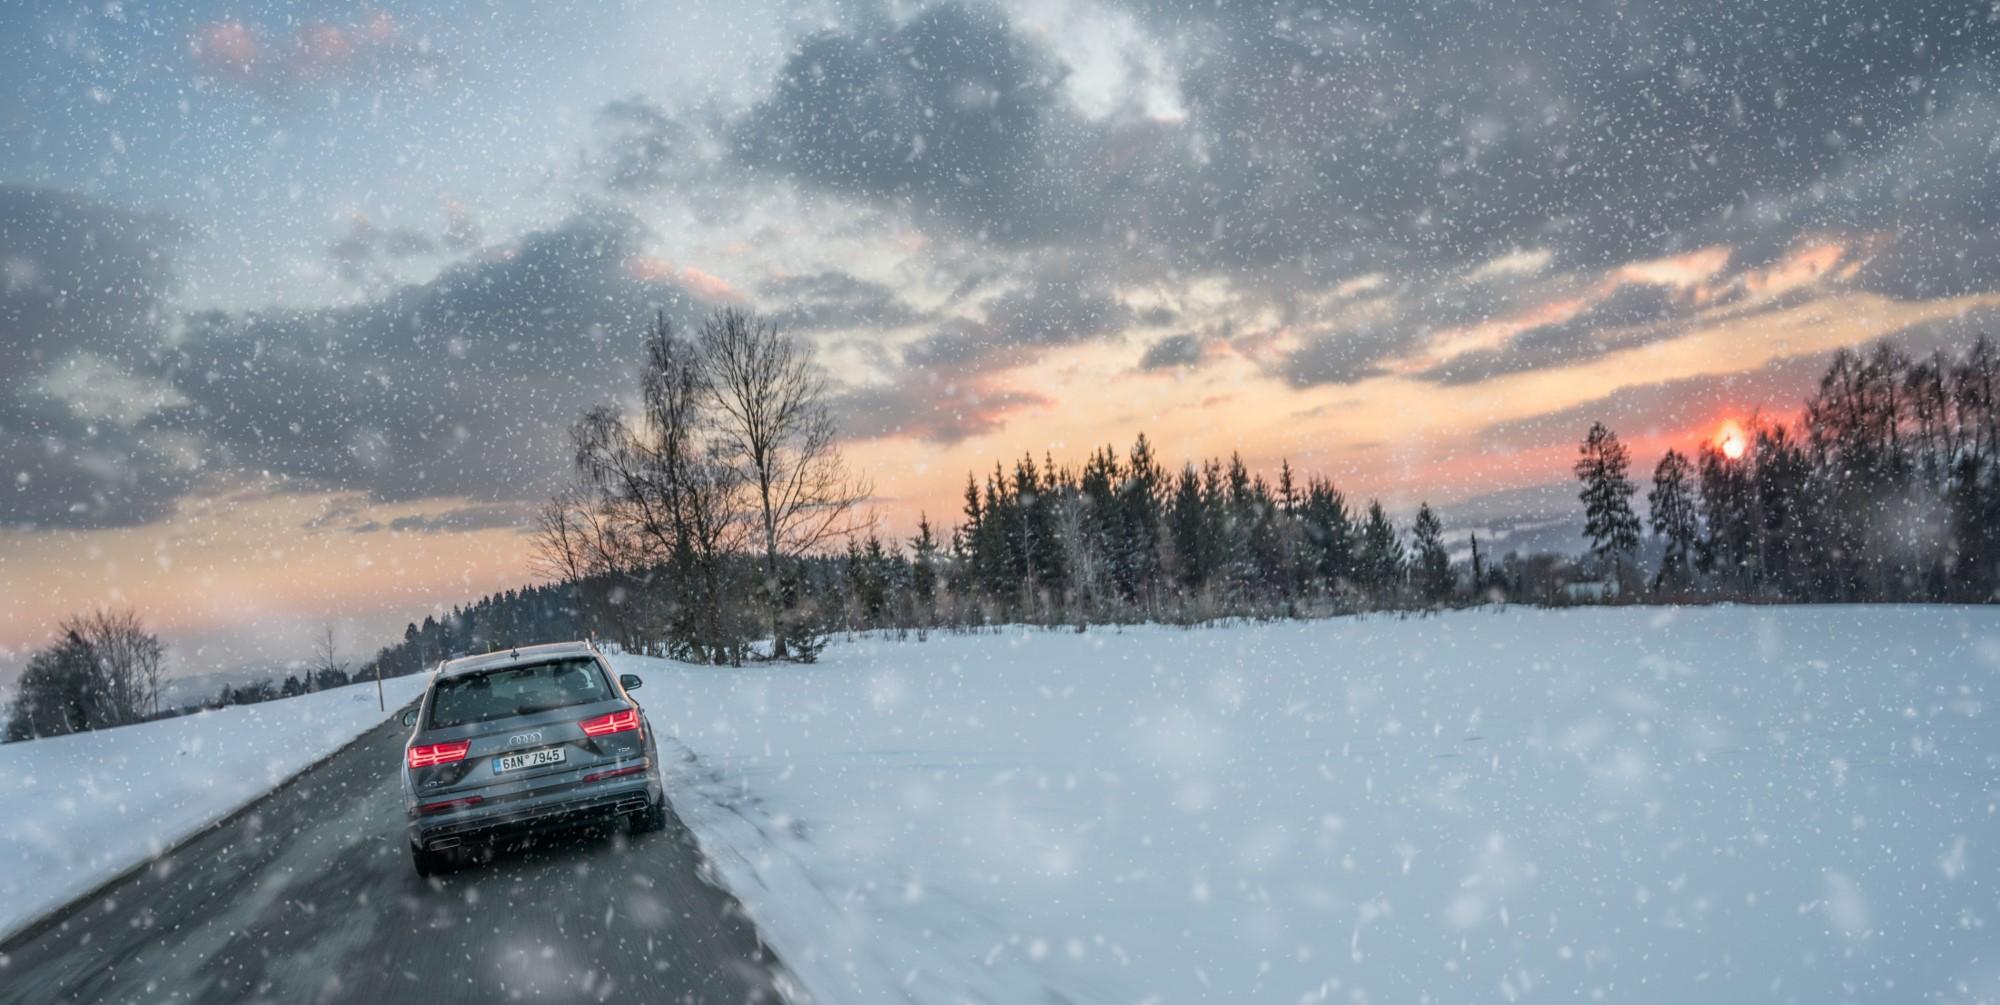 Sfaturi pentru soferii cu experienta putina la condus pe timpul iernii